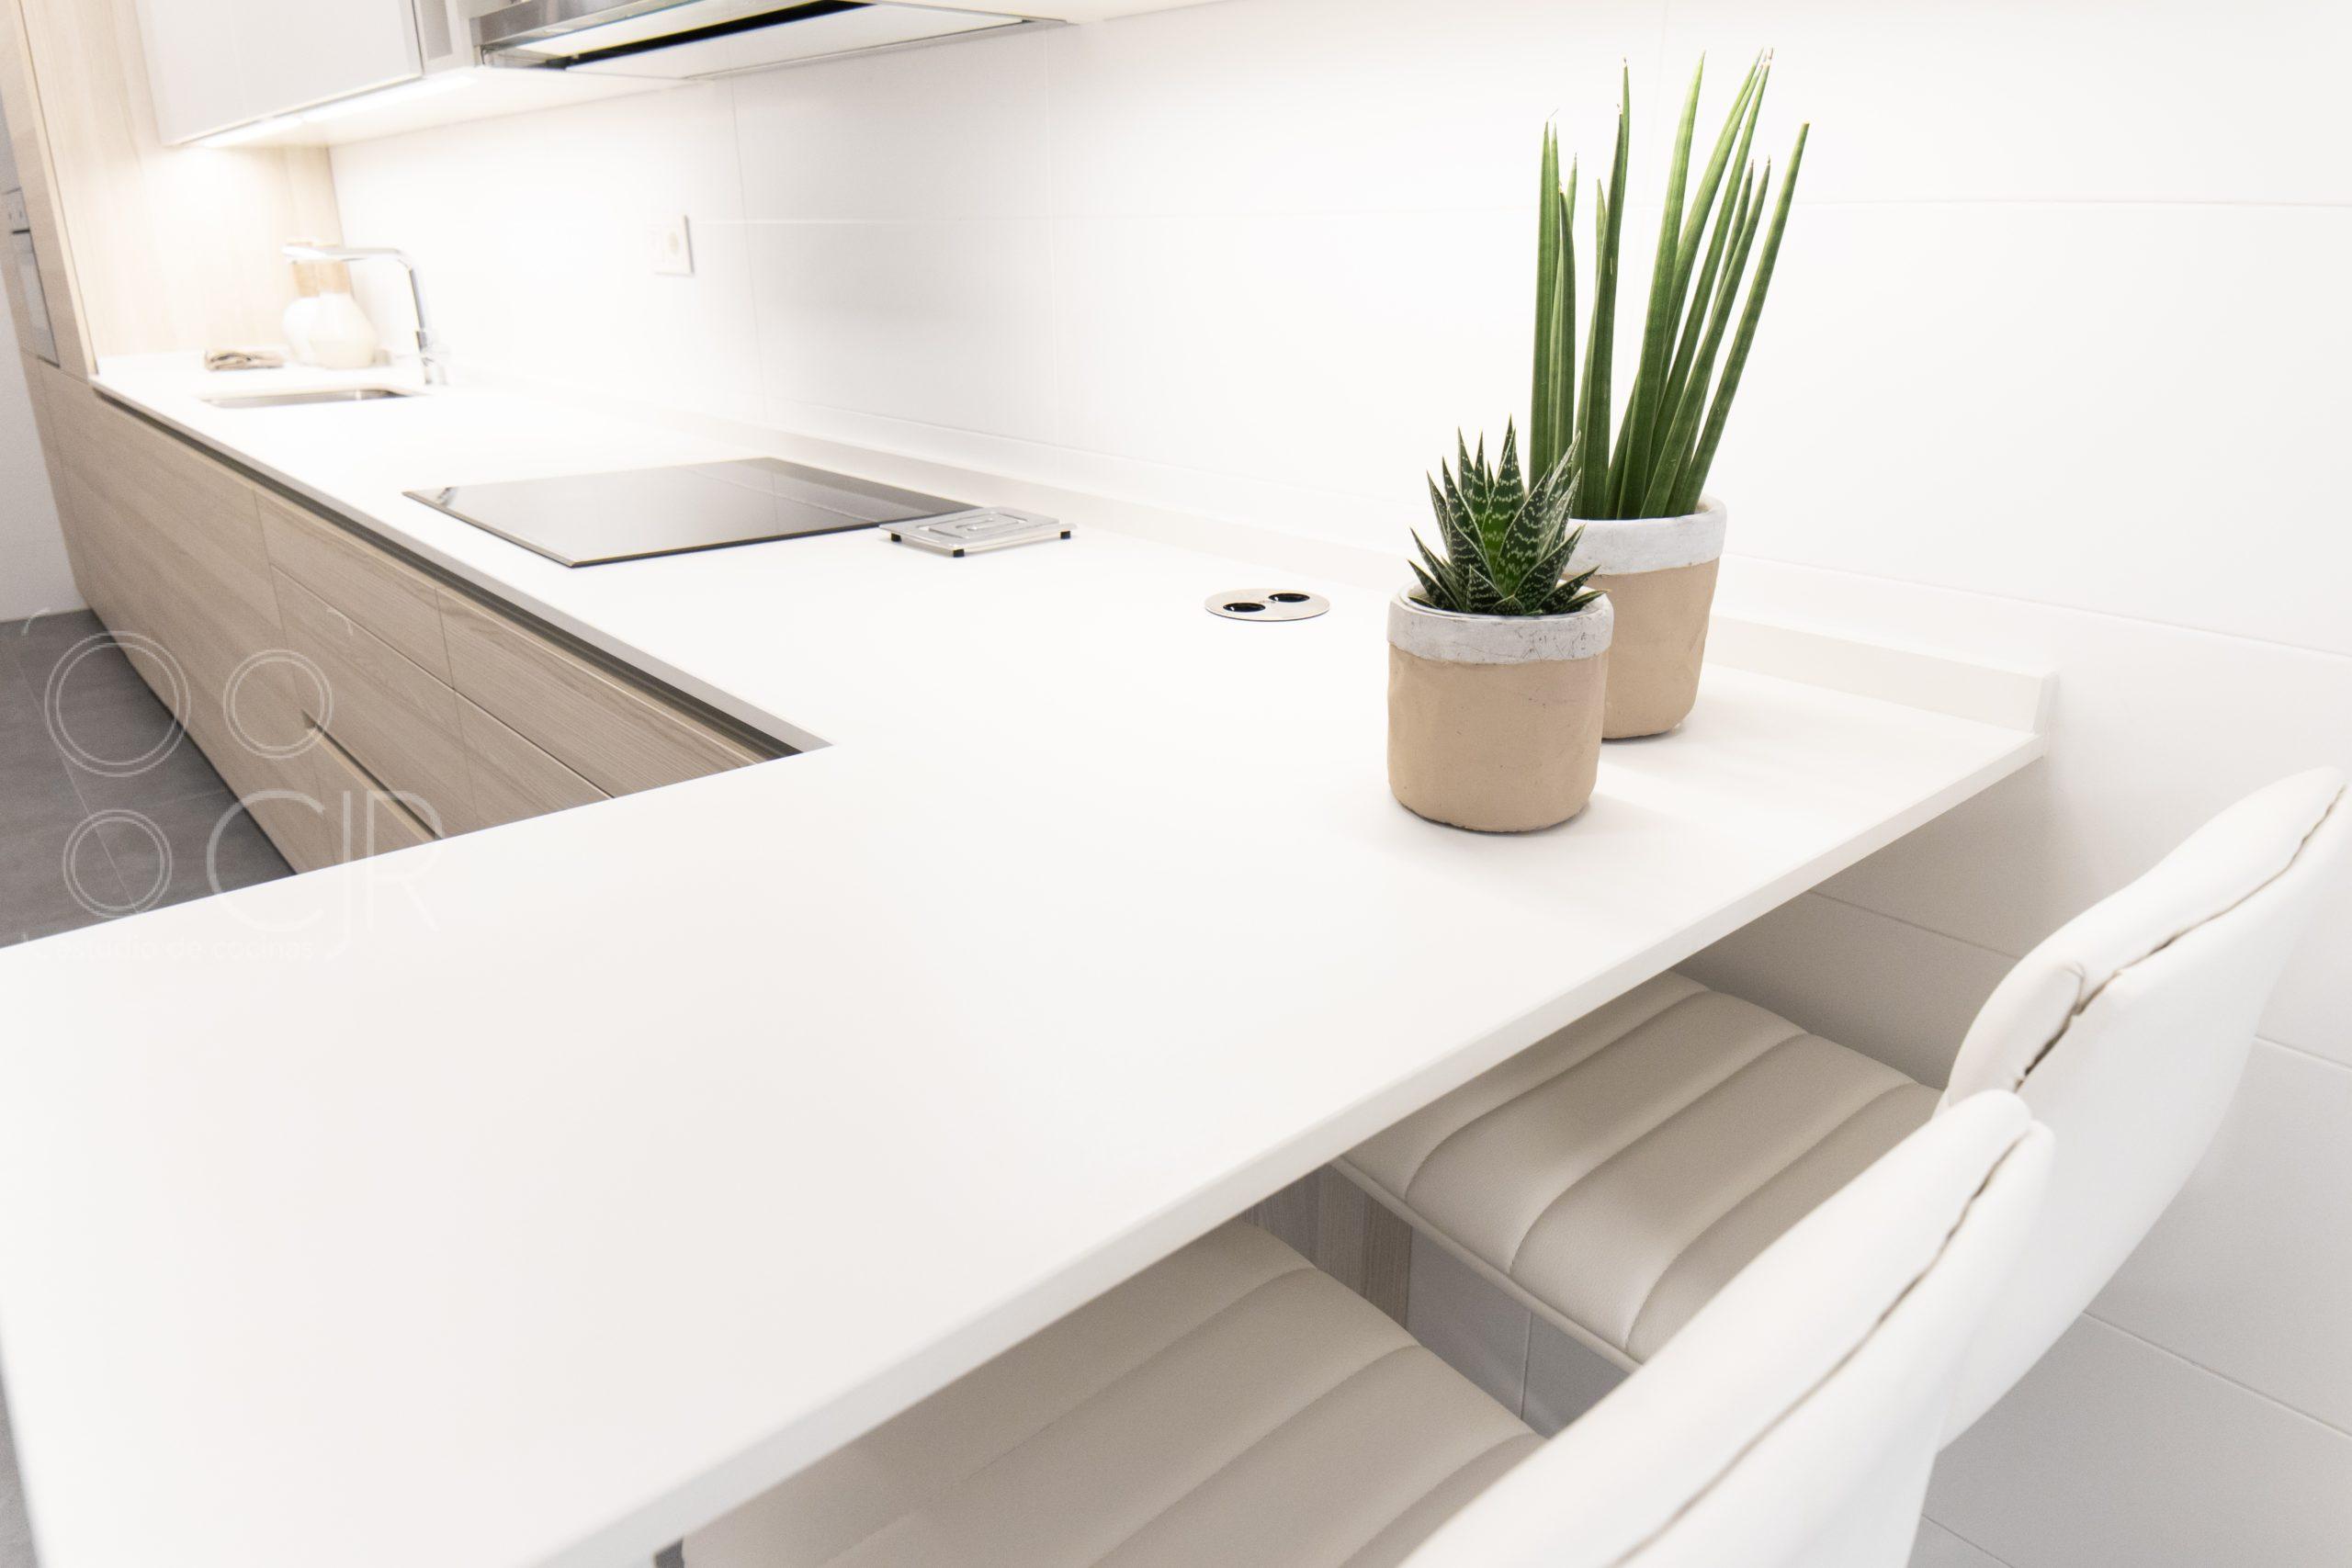 barras para cocina moderna blancas dekton